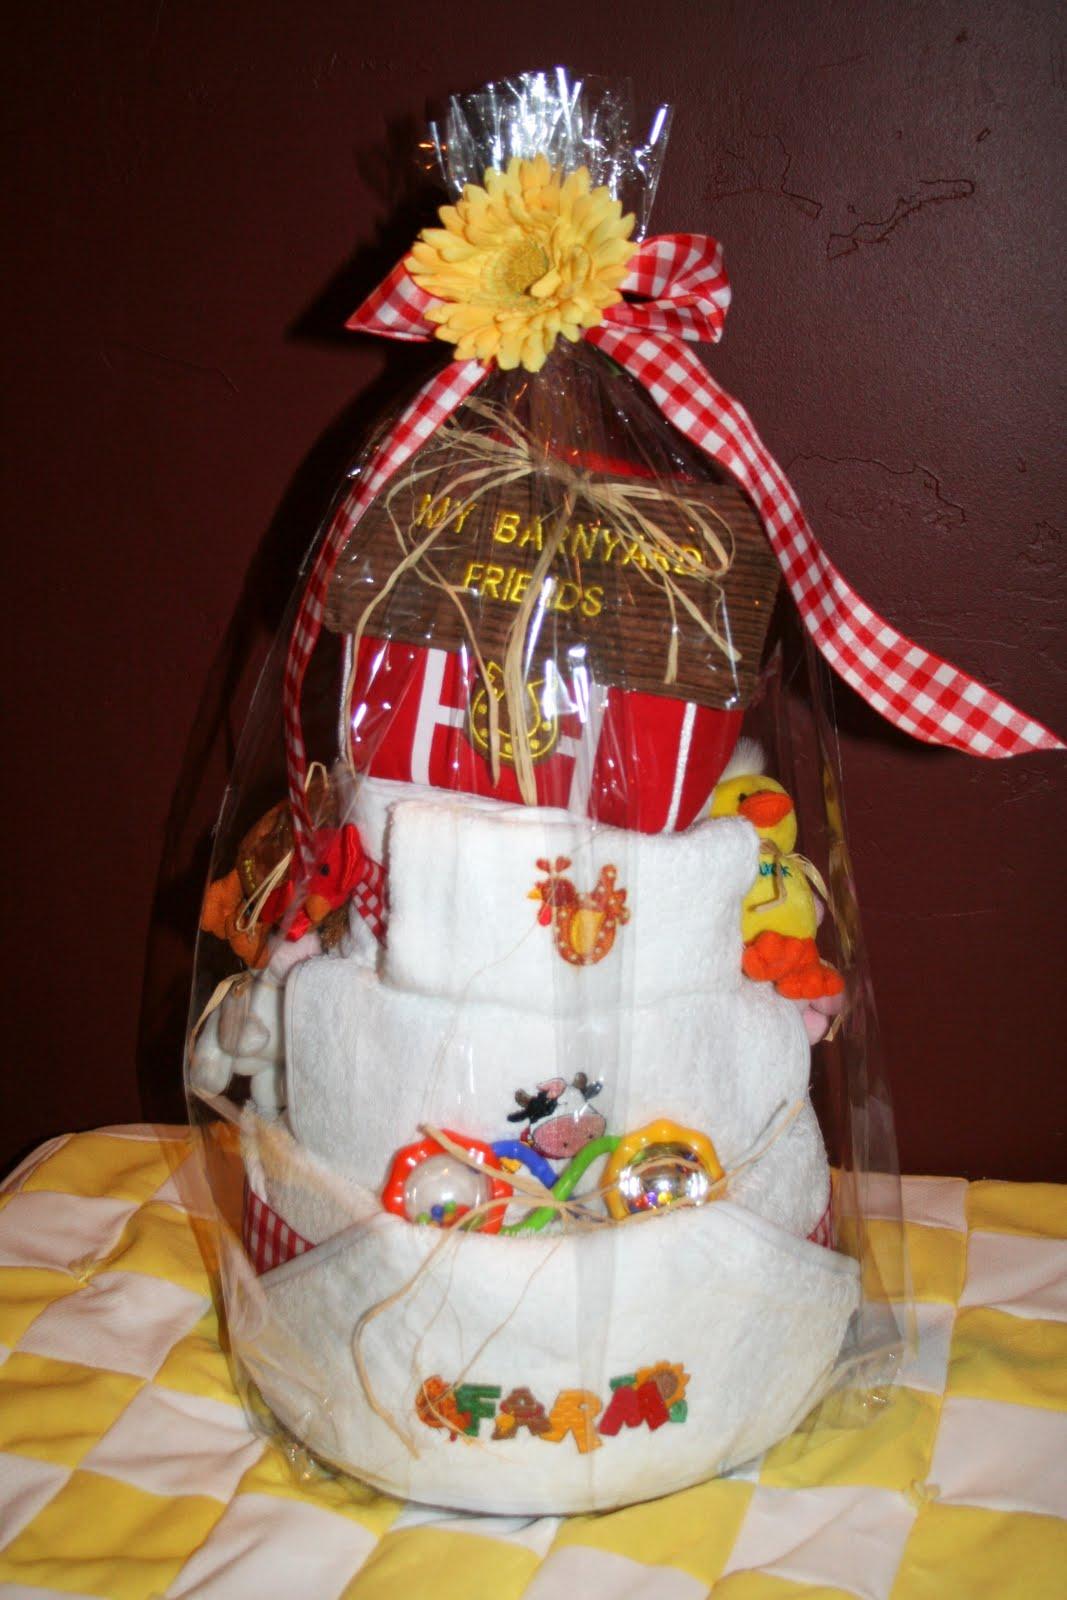 https://i2.wp.com/3.bp.blogspot.com/_TEy0xOVlybY/Sws9bwdmKQI/AAAAAAAAA0o/93UOu_Bkzgg/s1600/Farm+gift+basket+front.jpg